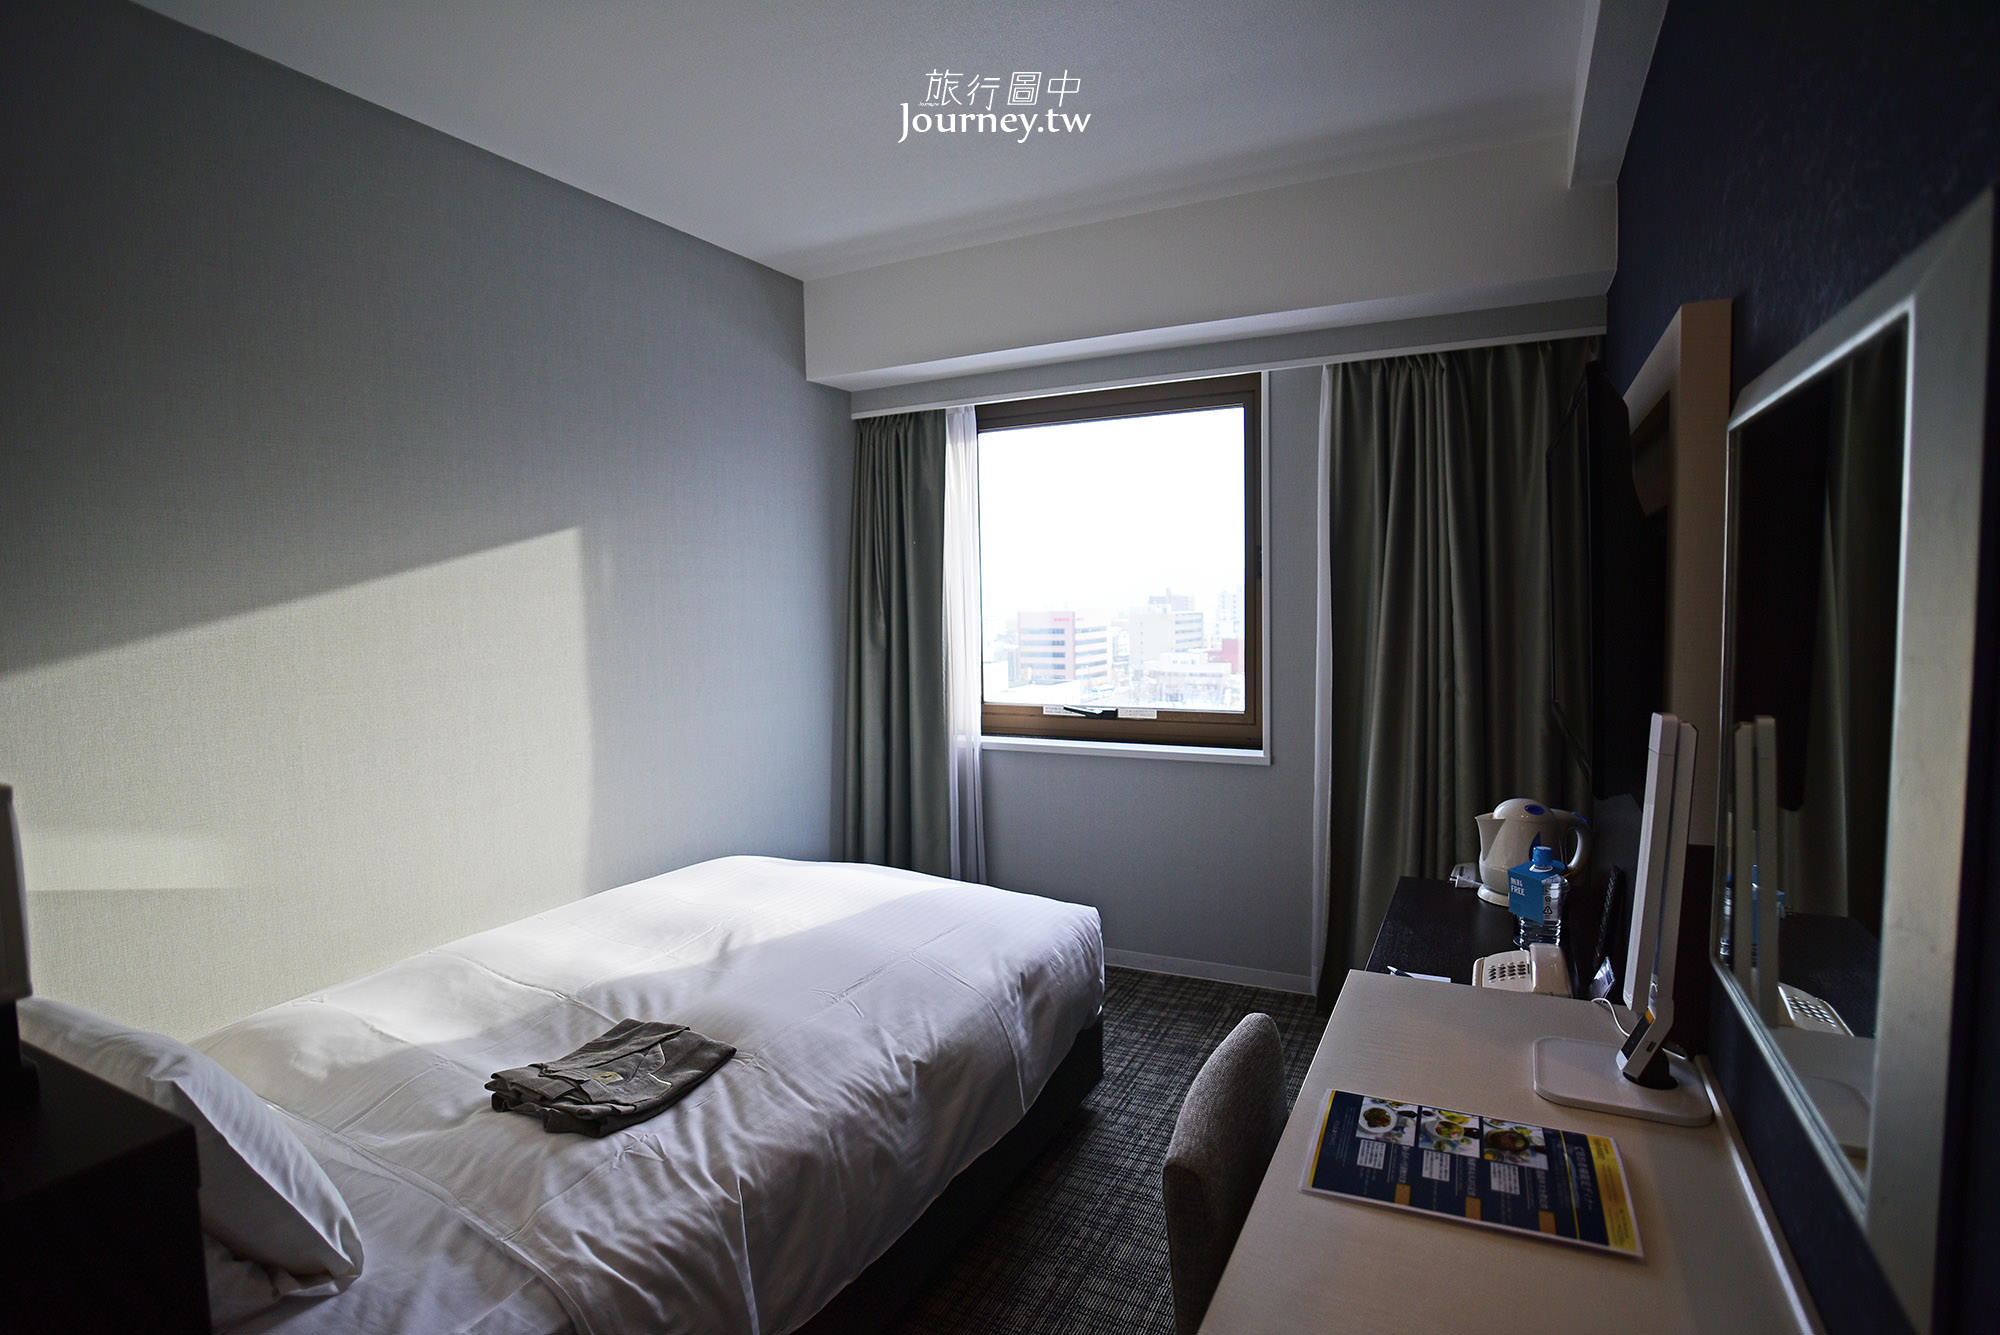 北海道,函館住宿,函館車站,函館福朋喜來登,Four Points by Sheraton Hakodate